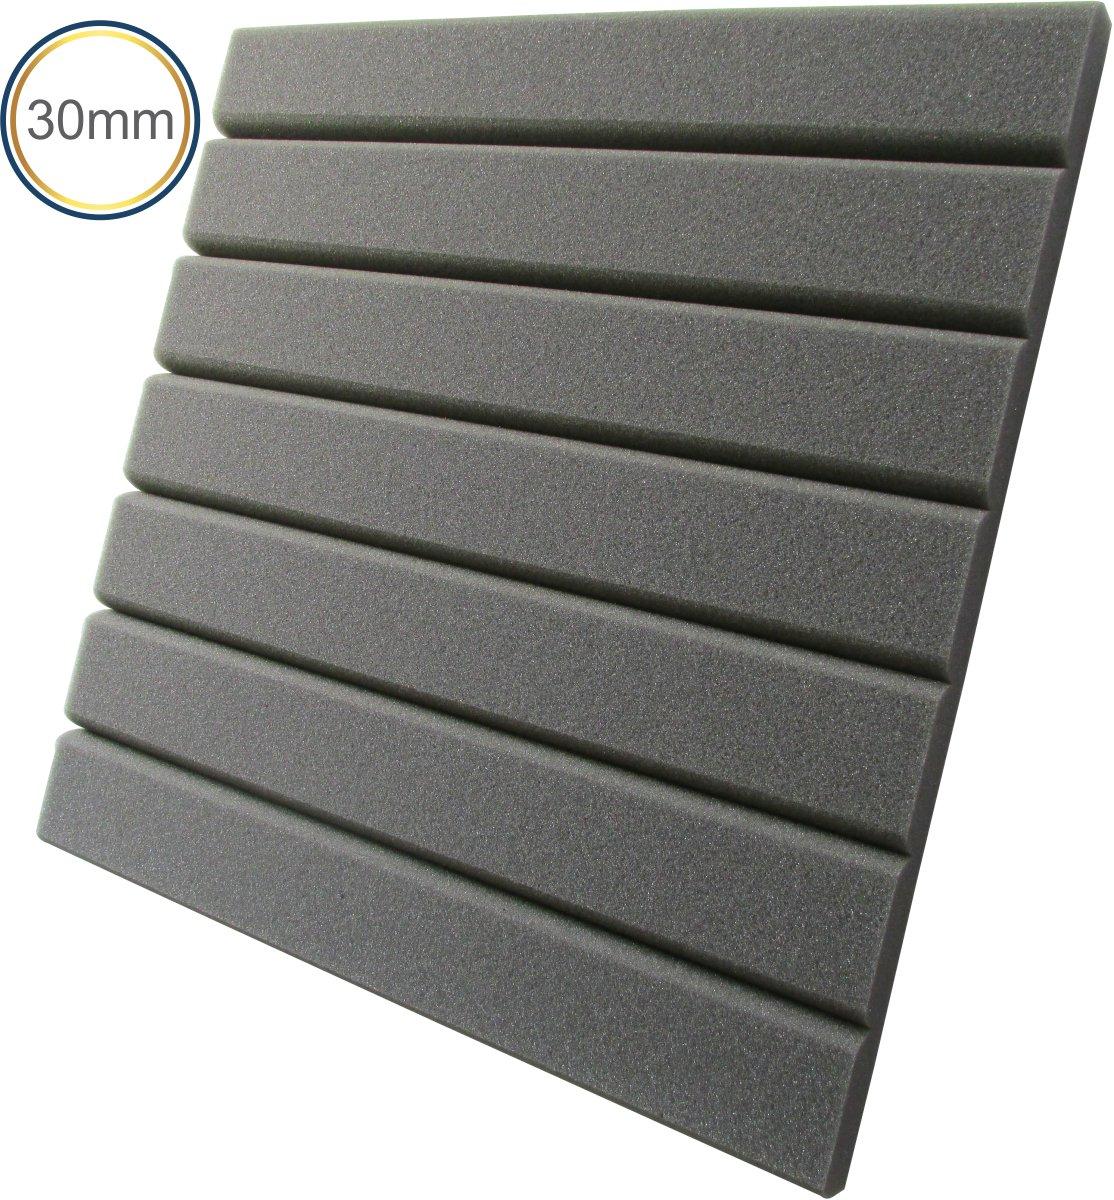 Espuma Acústica - REV H - 30mm Cinza - Kit 4 peças (1m²) 30mm  - Loja SPL Acústica